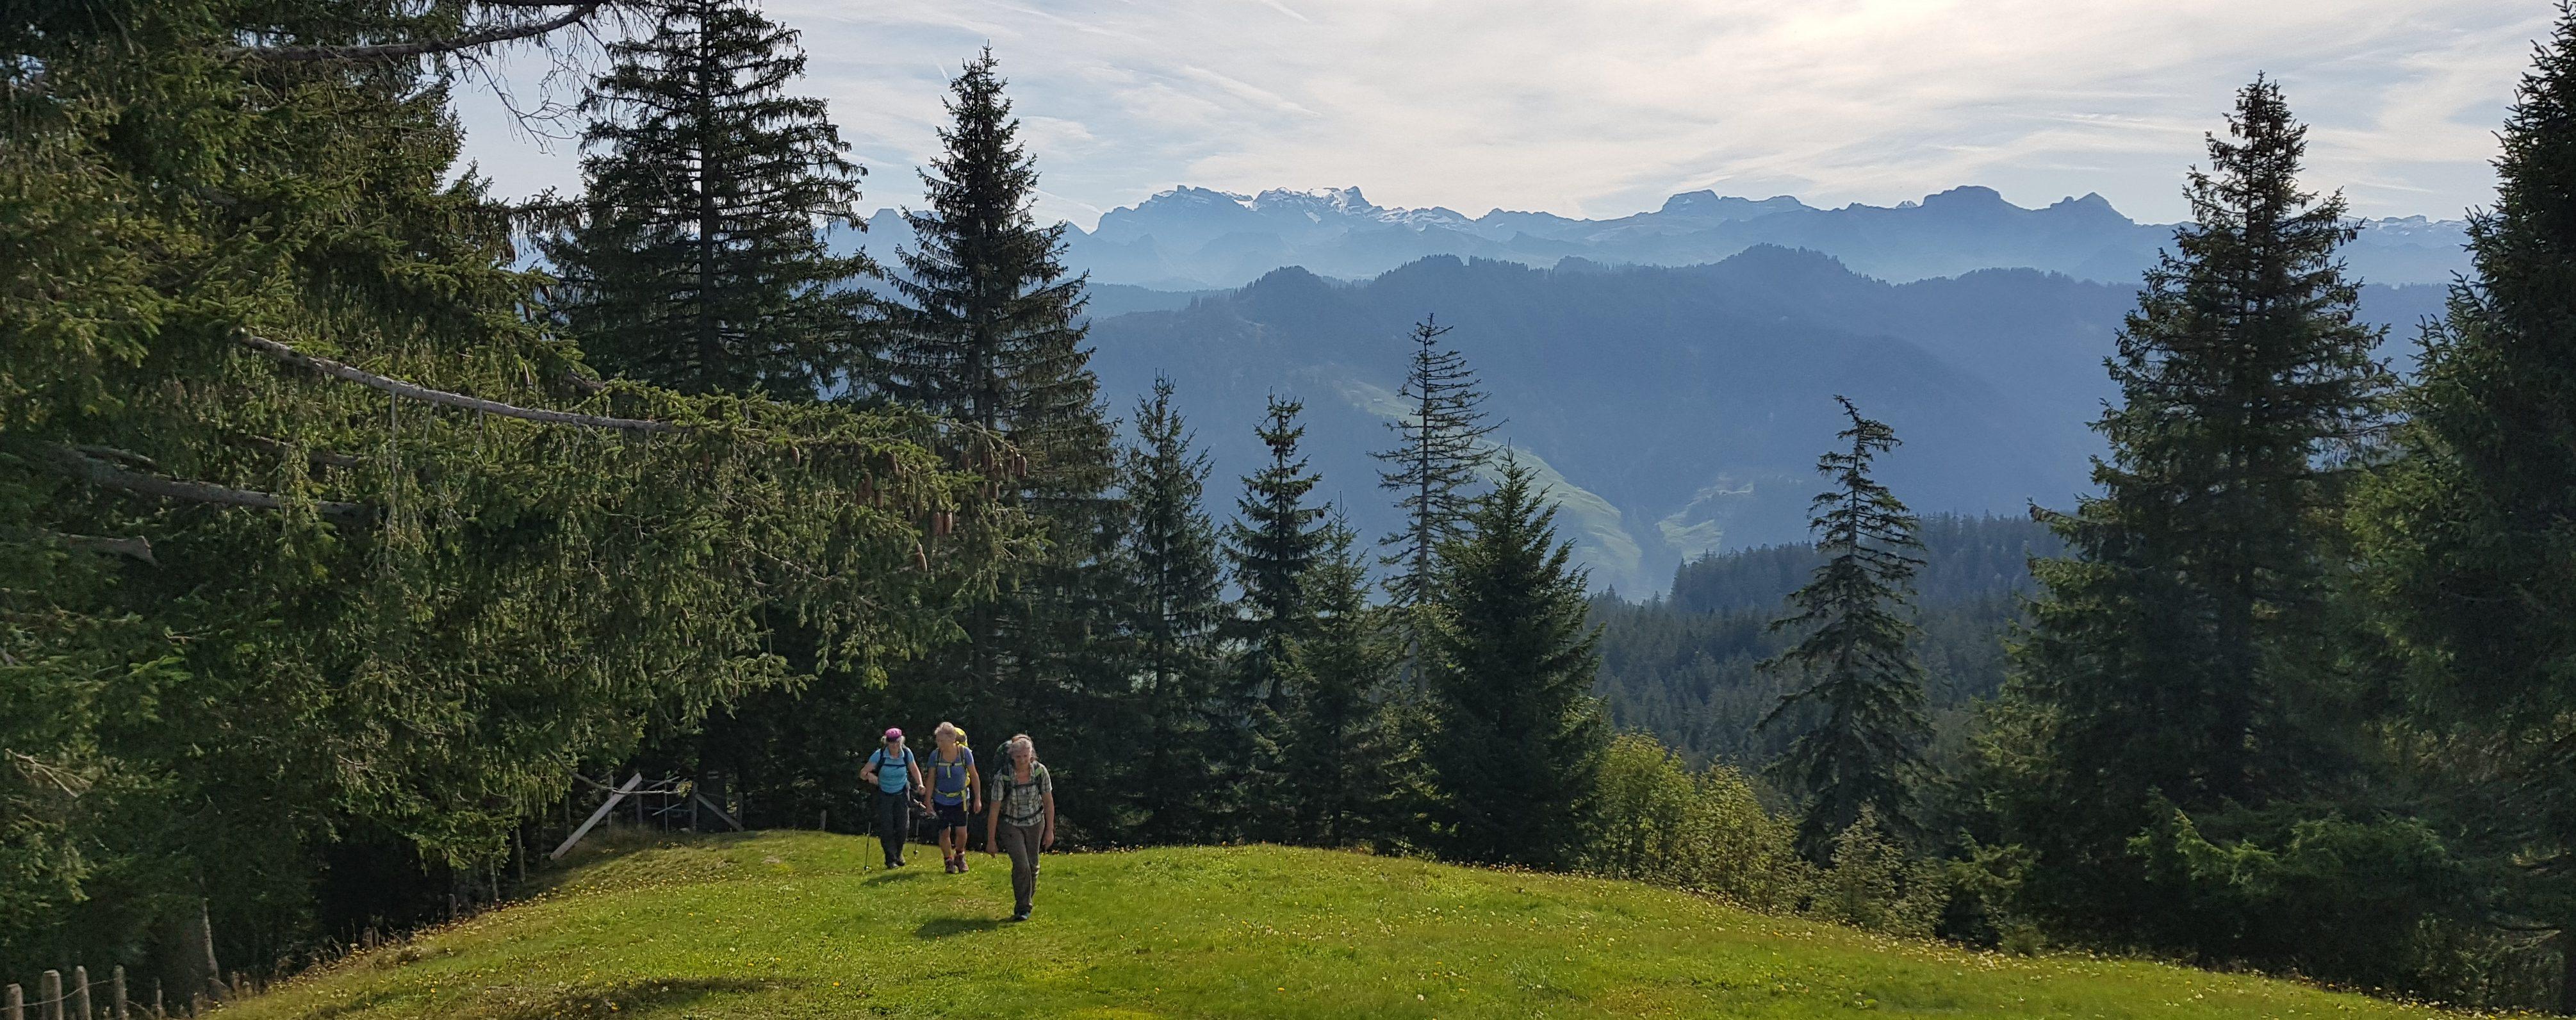 Wanderung zum/vom Oberberg 2019